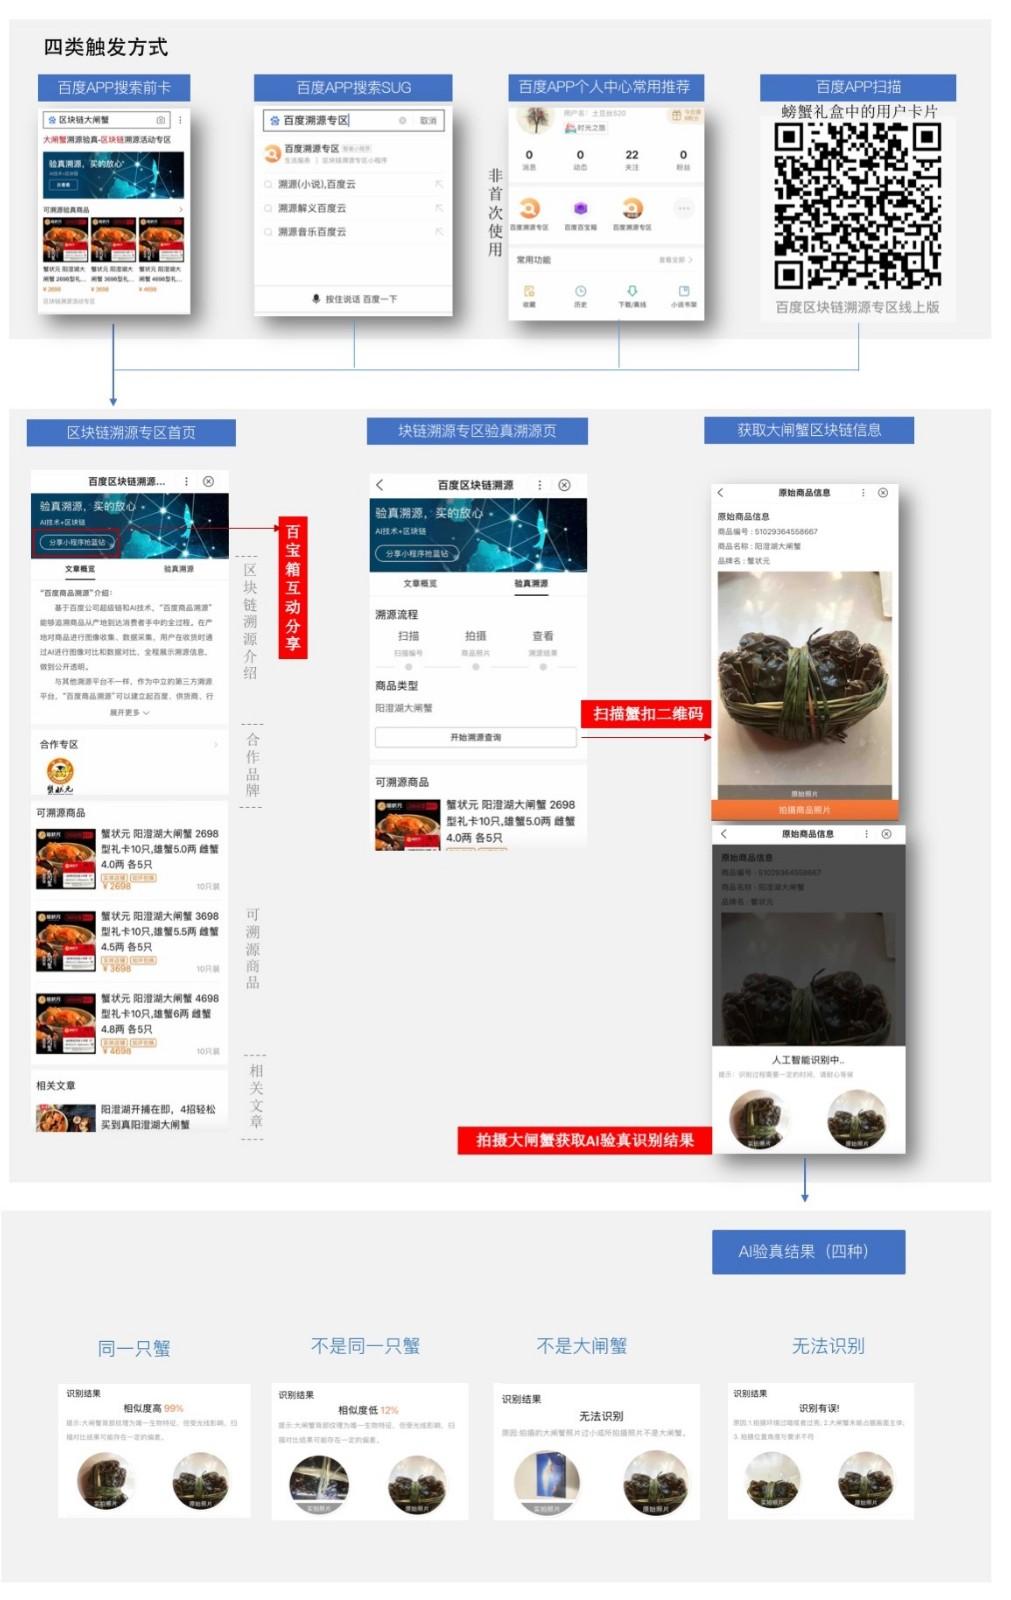 营销中心资料补充-锦秀.jpg